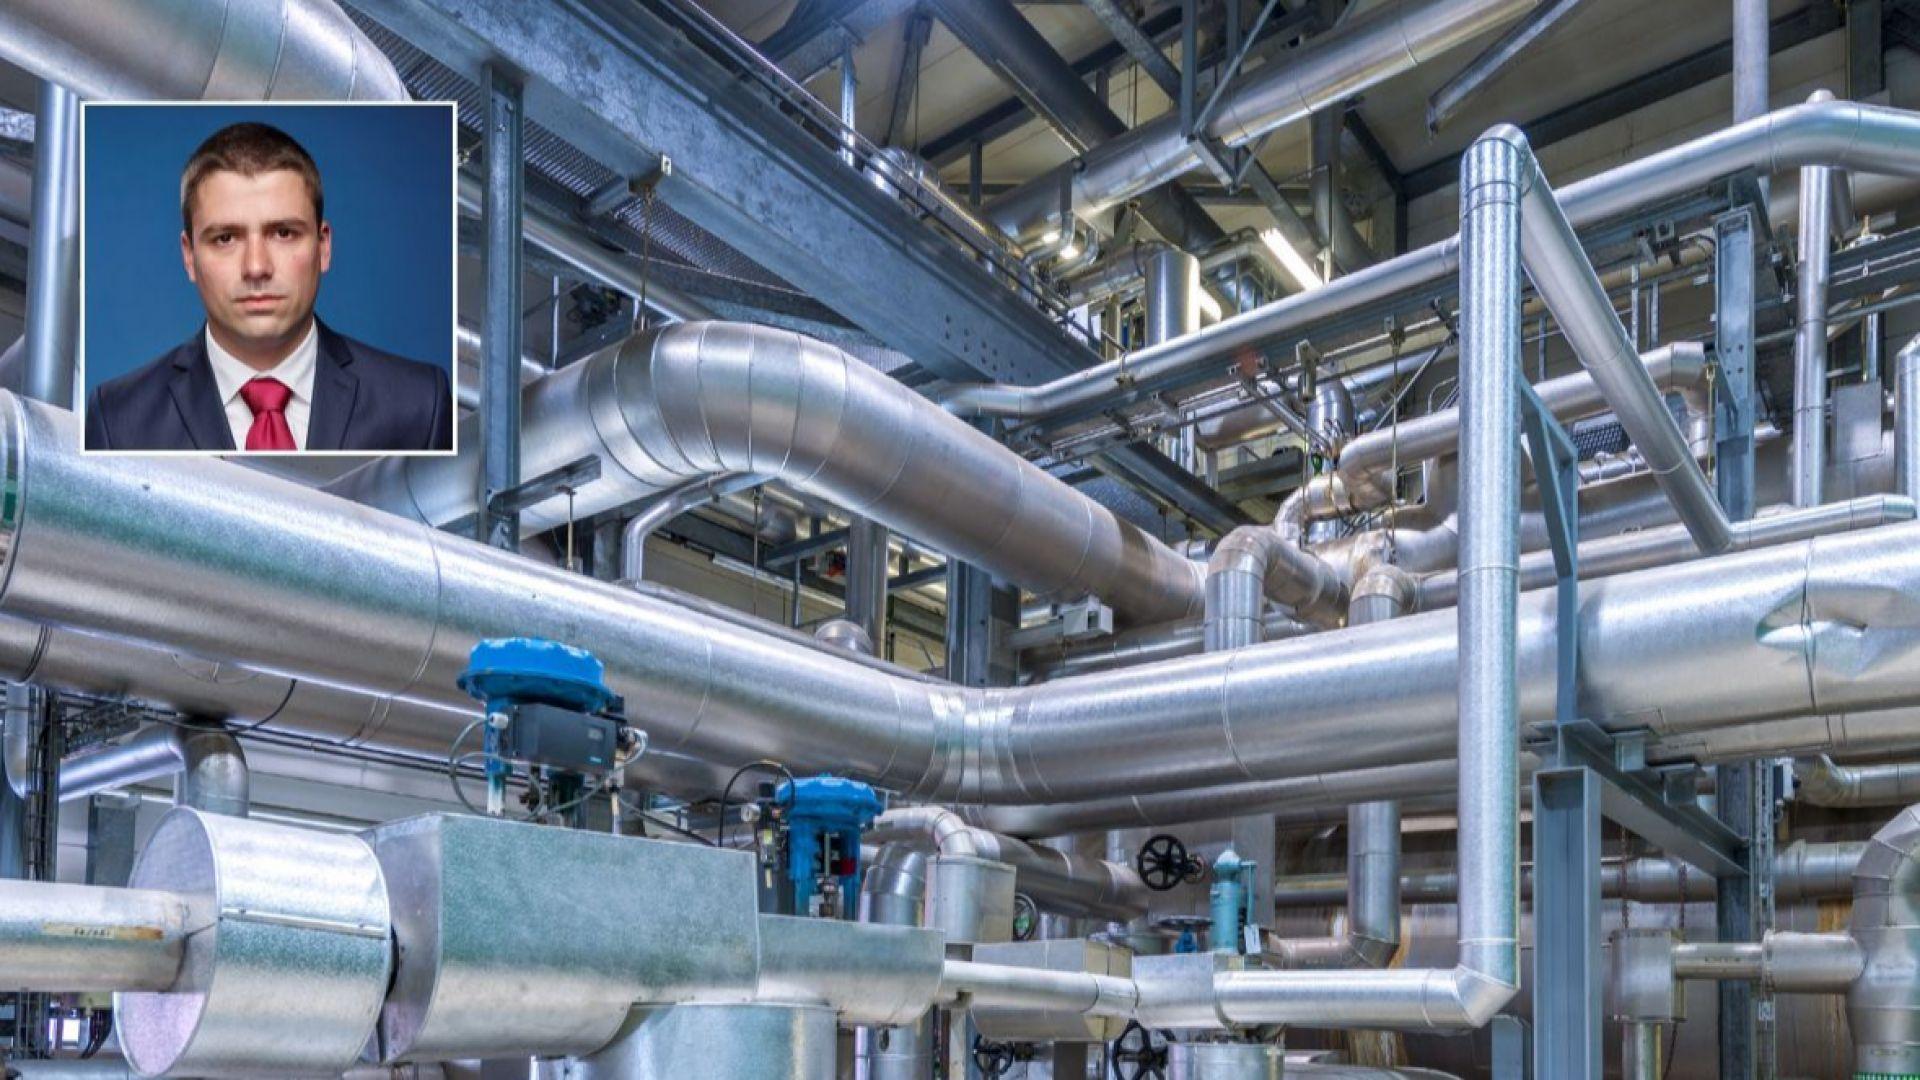 Веселин Тодоров, енергиен експерт: Предстои да бъде учредена Асоциация на търговците на природен газ